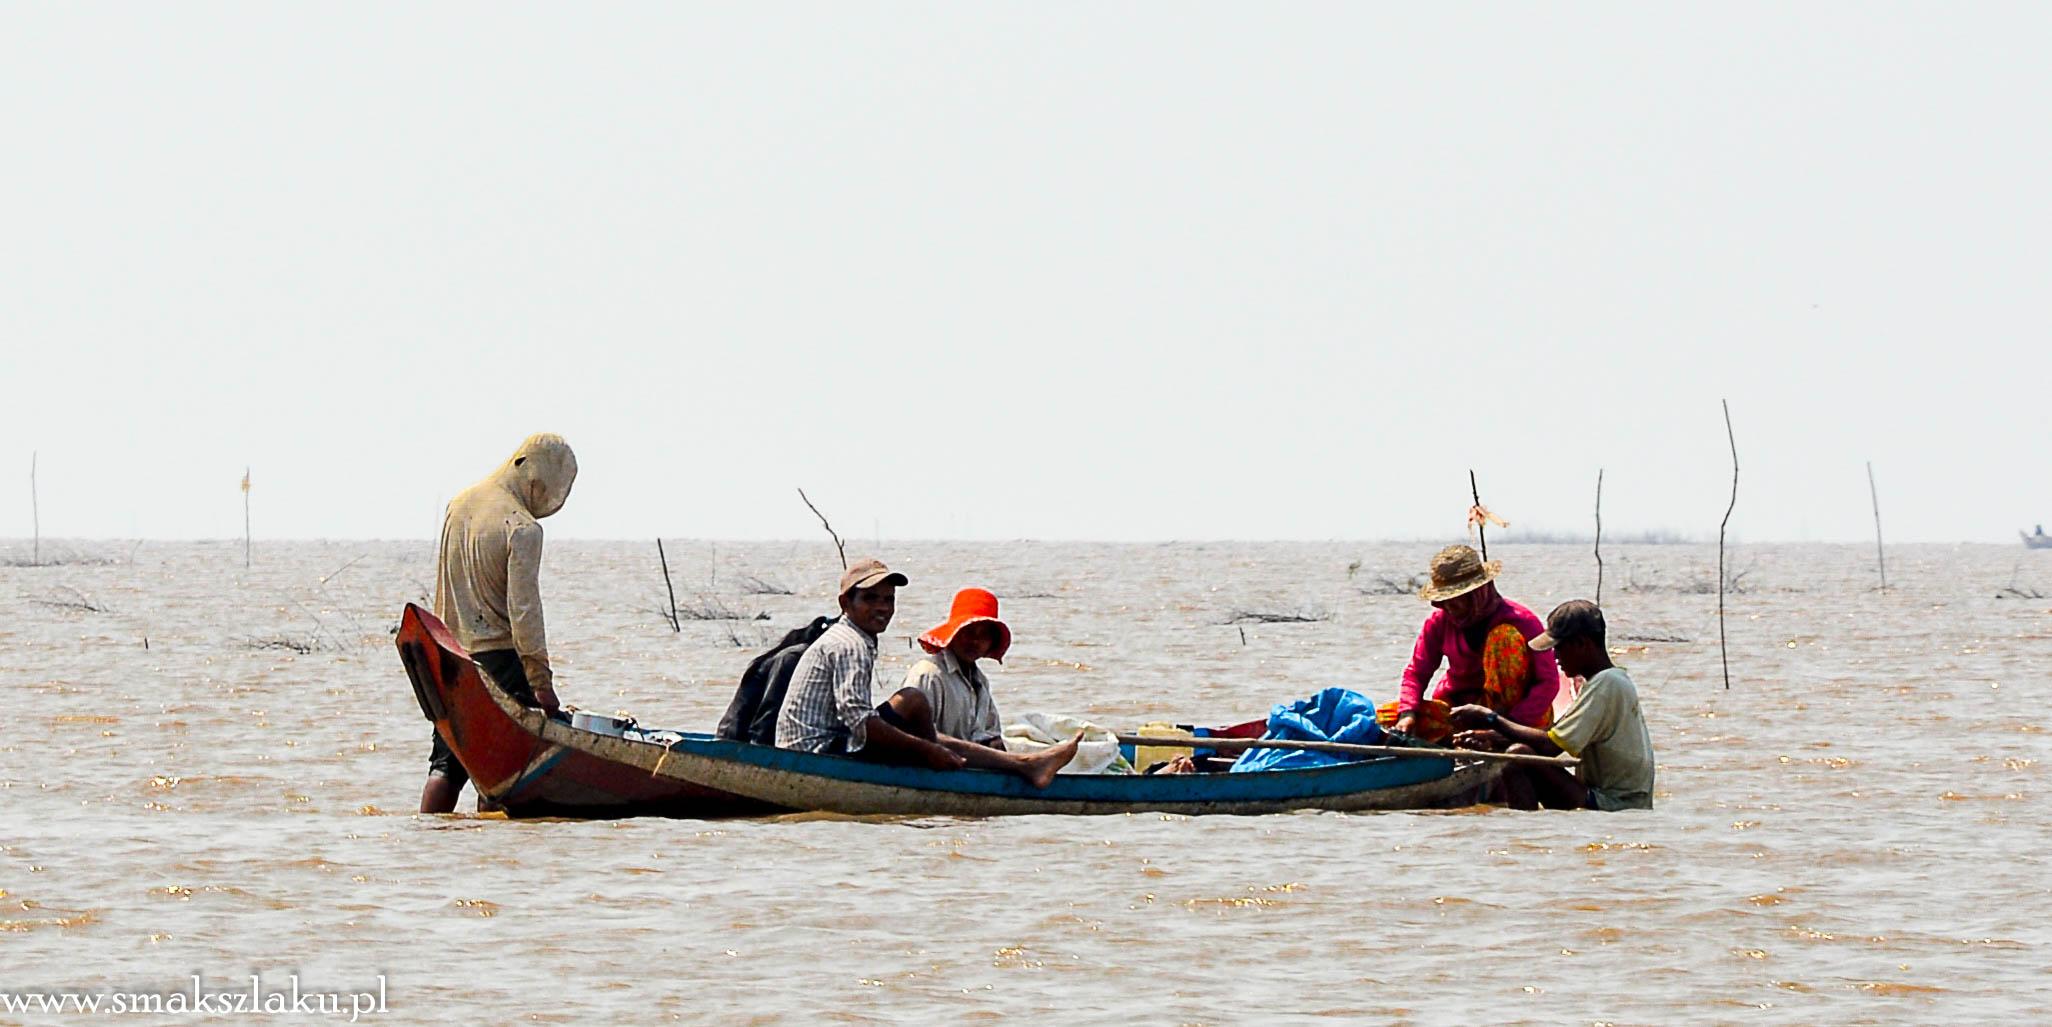 Kambodża, Tonle Sap